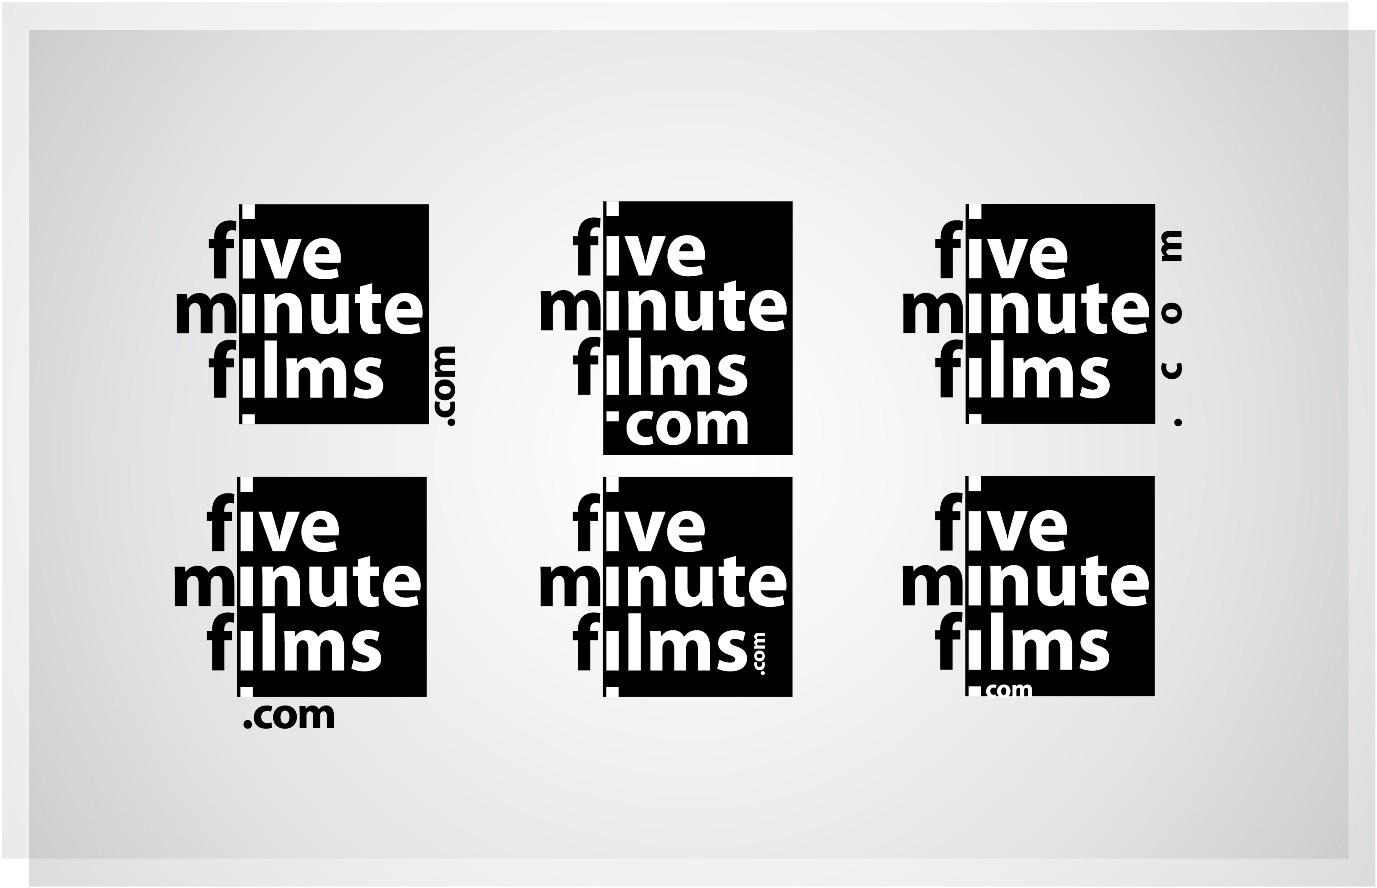 logo for fiveminutefilms.com